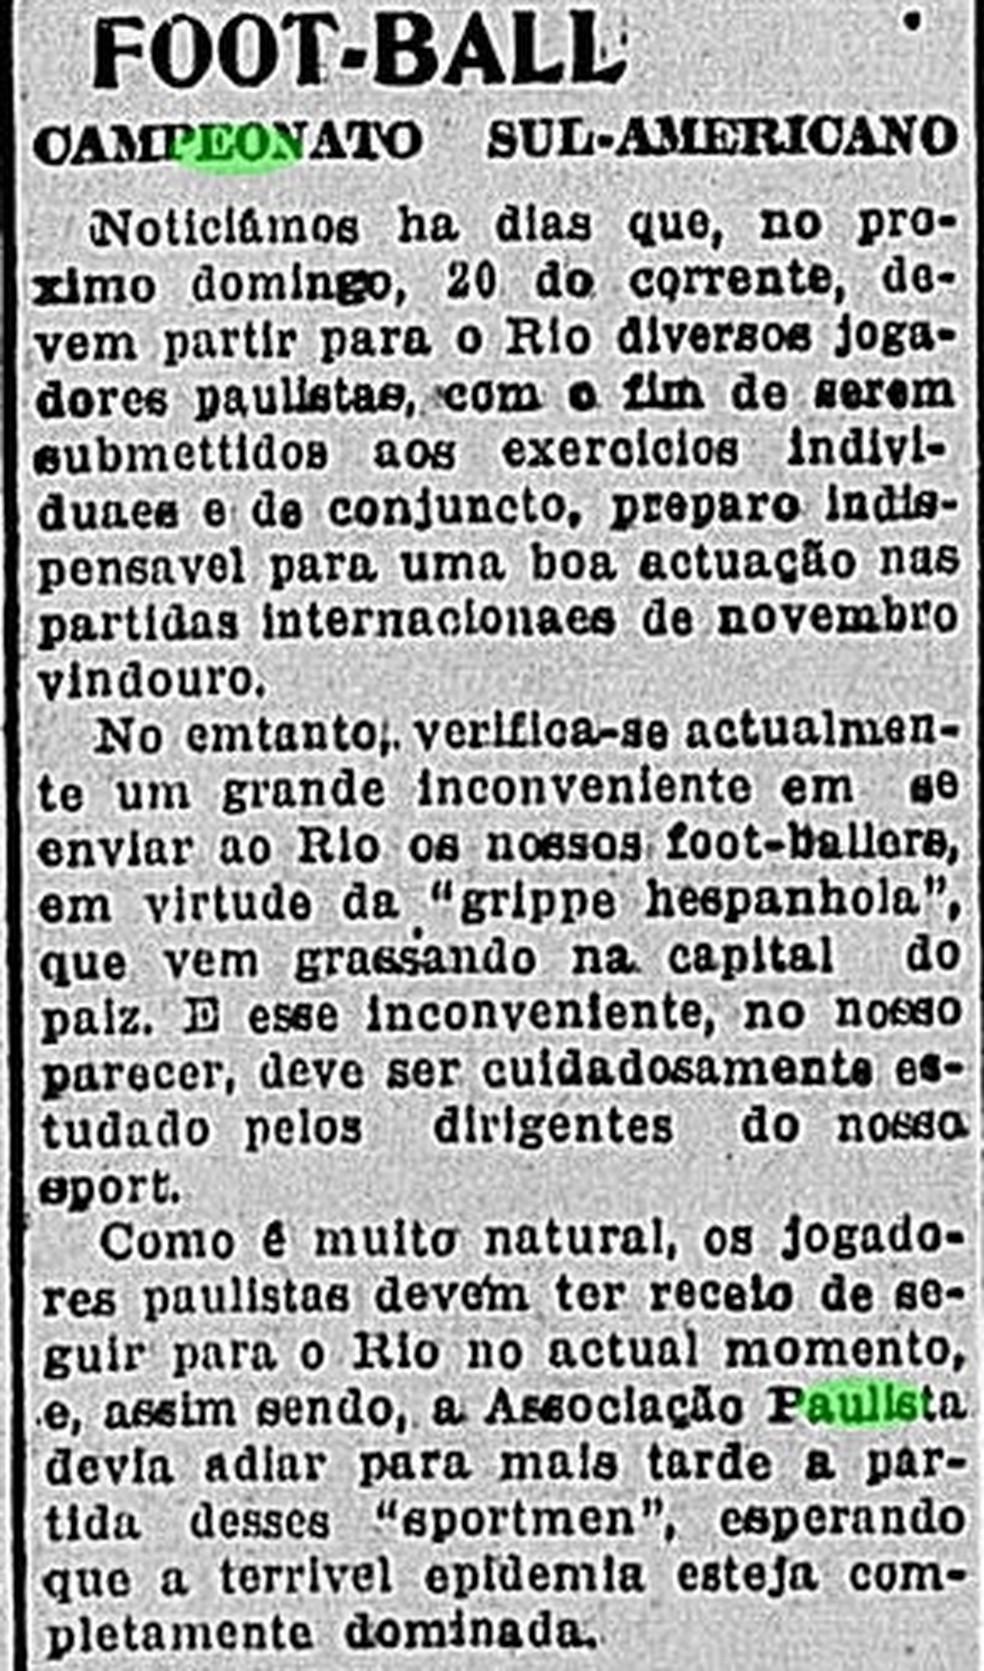 Jogadores de São Paulo não viajam ao Rio de Janeiro por causa da gripe espanhola — Foto: Reprodução/Jornal do Brasil